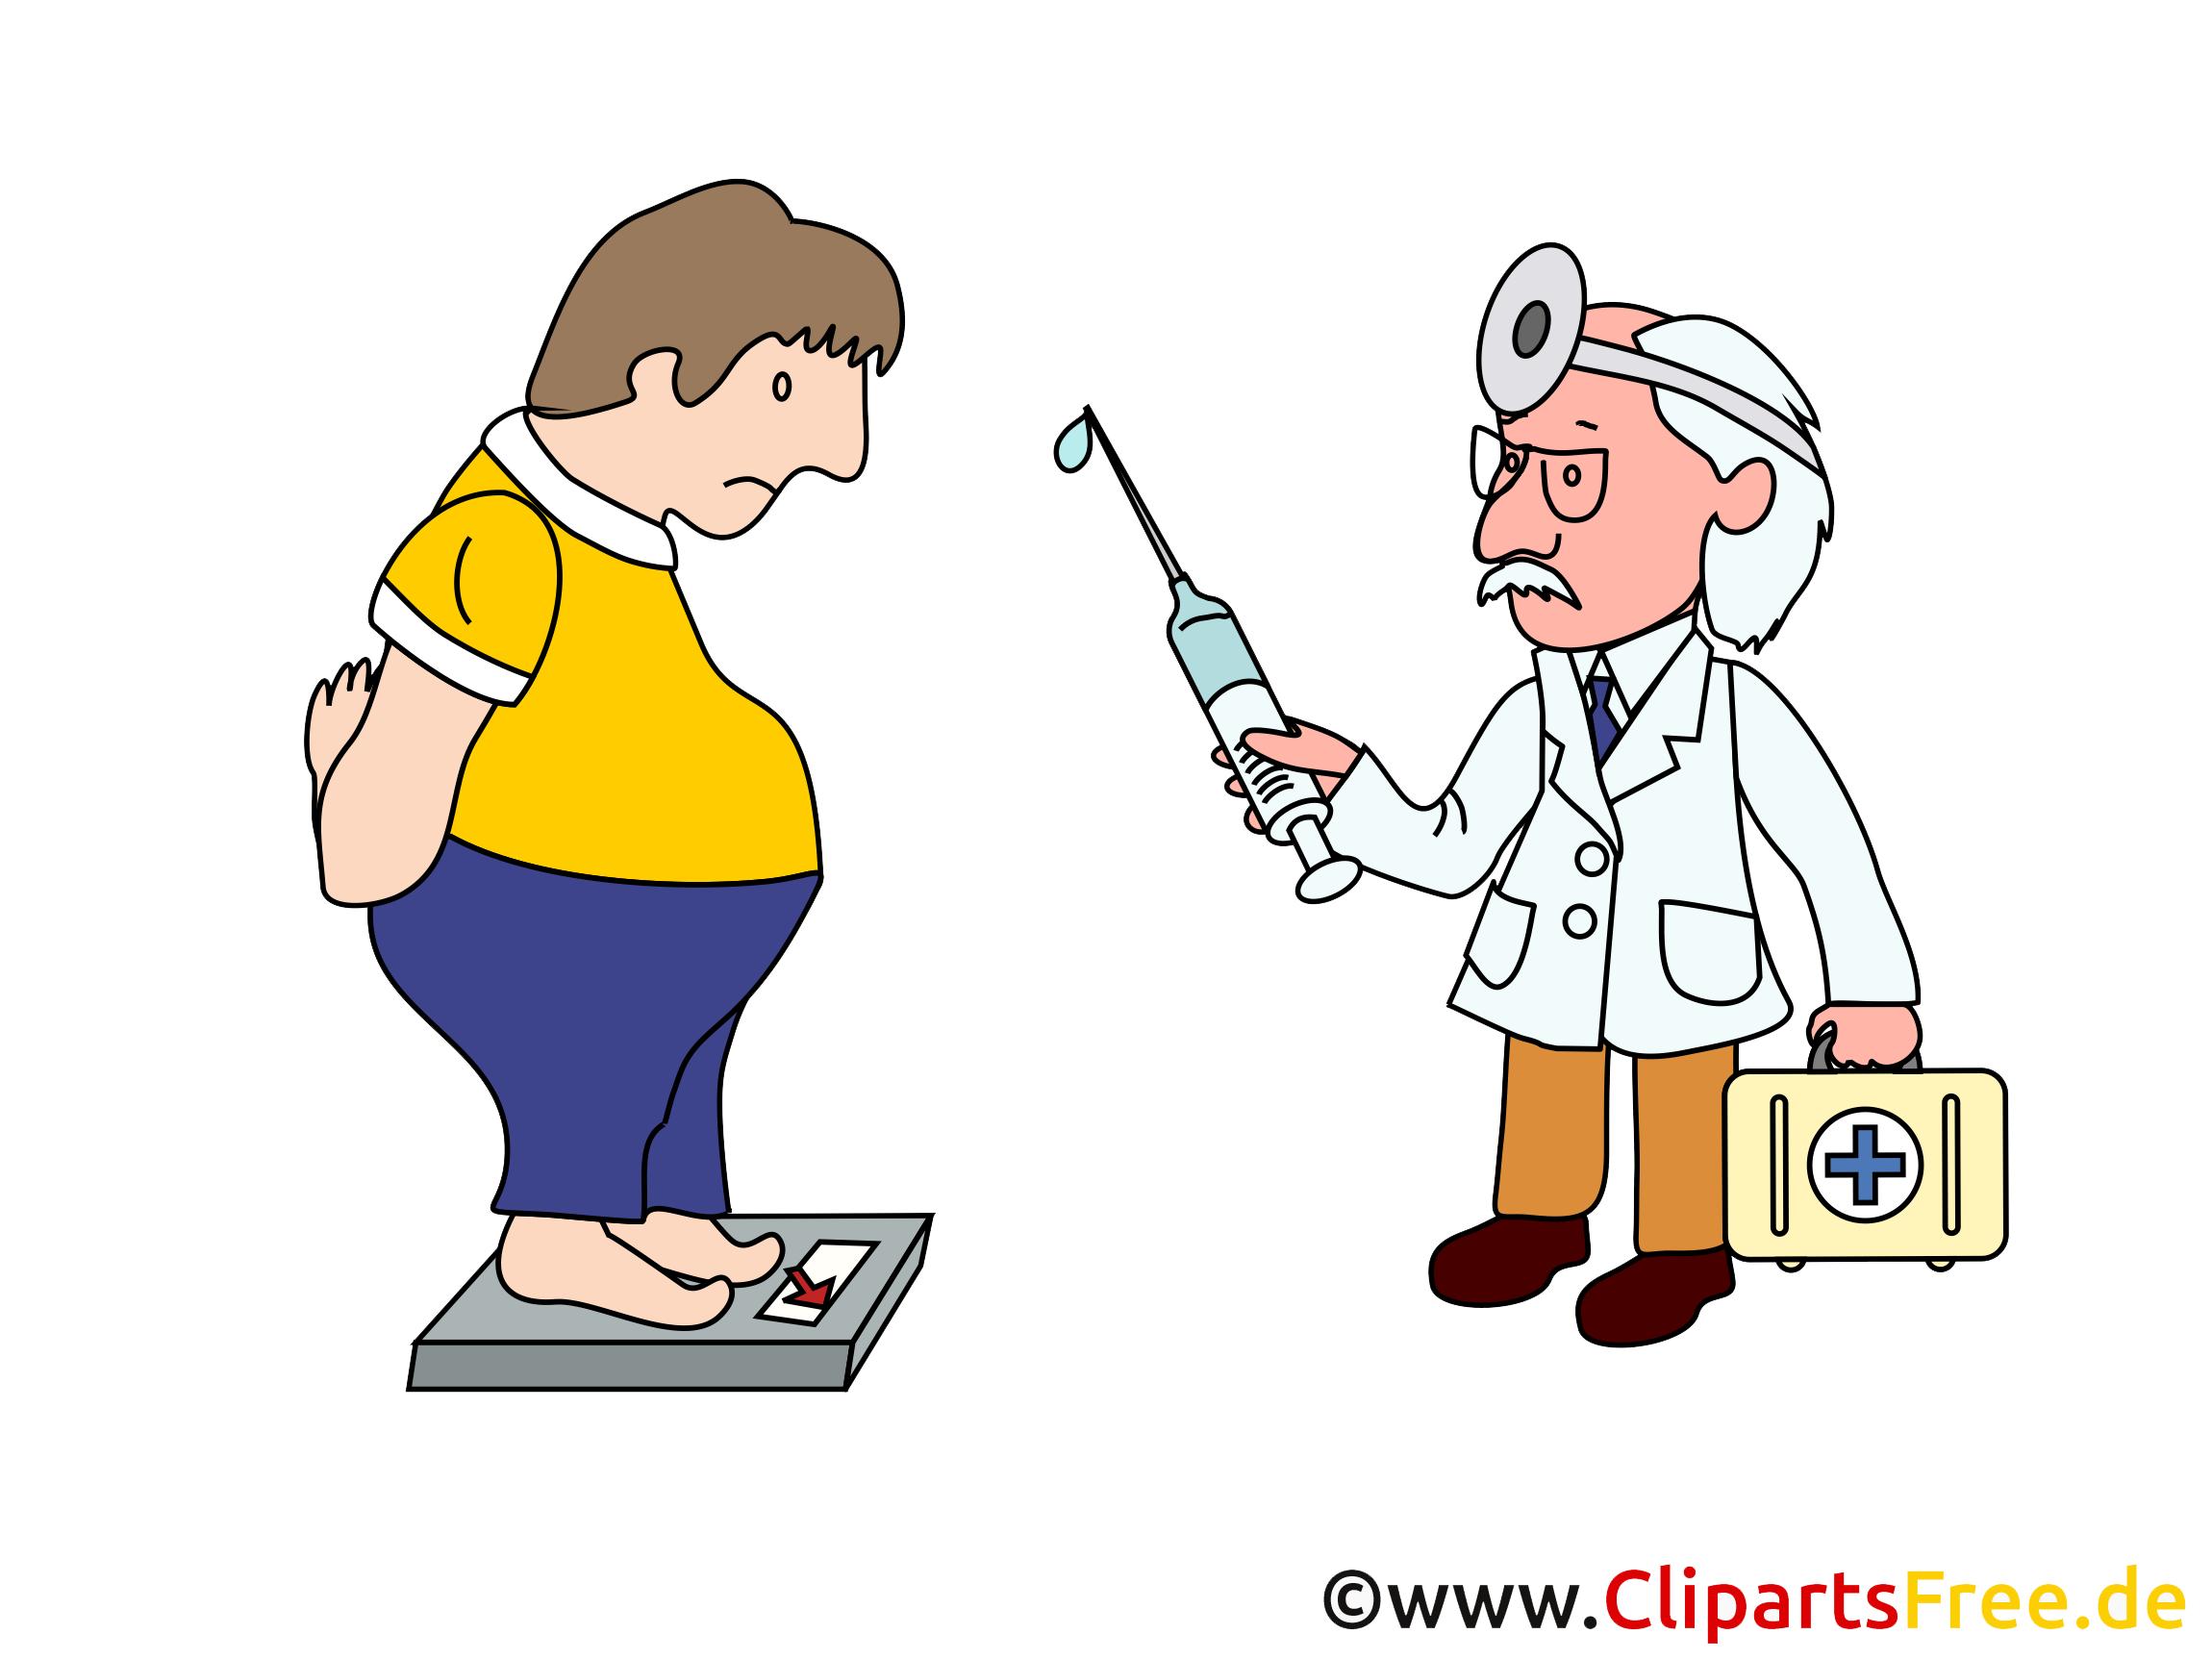 Übergewicht Cliparts, Bilder, Grafiken